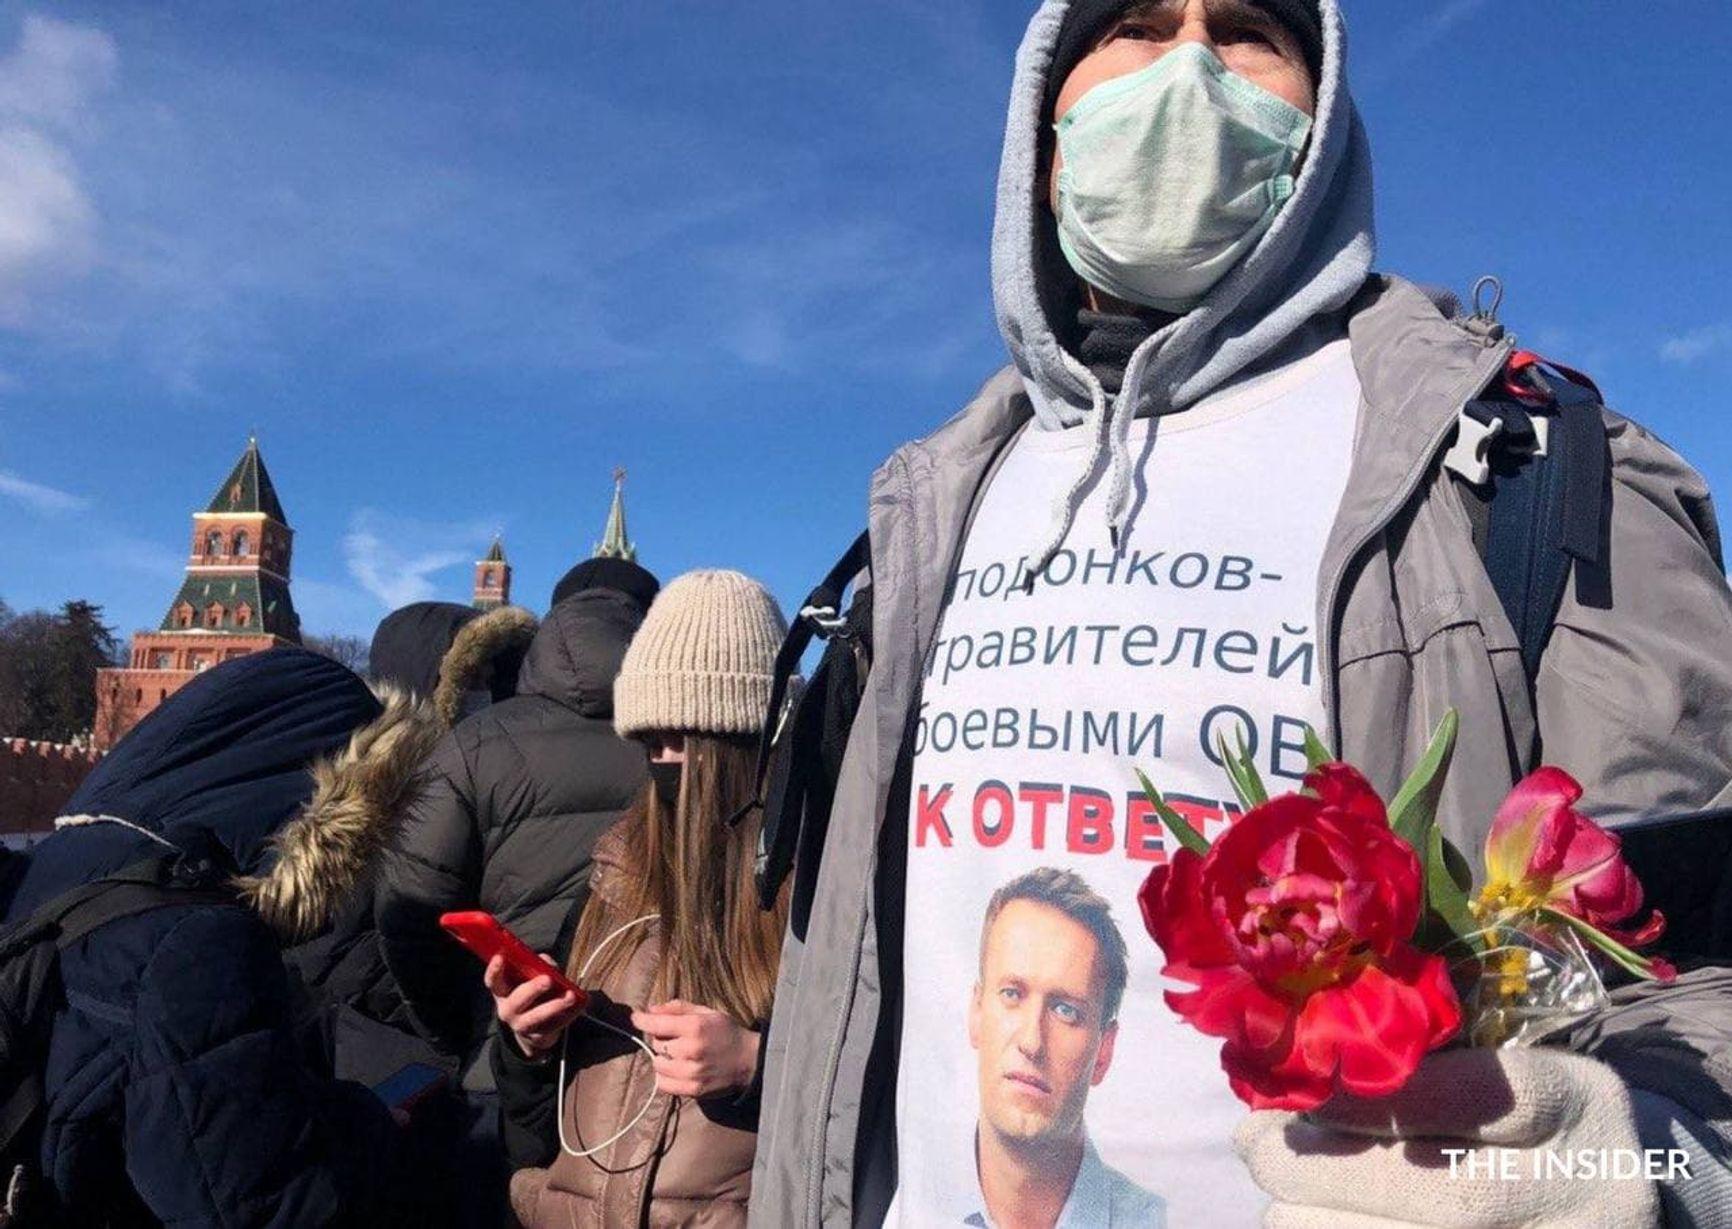 В Москве полиция не вмешивалась в акцию (тем временем, в Казани полиция задержала двух человек на акции памяти Немцова)